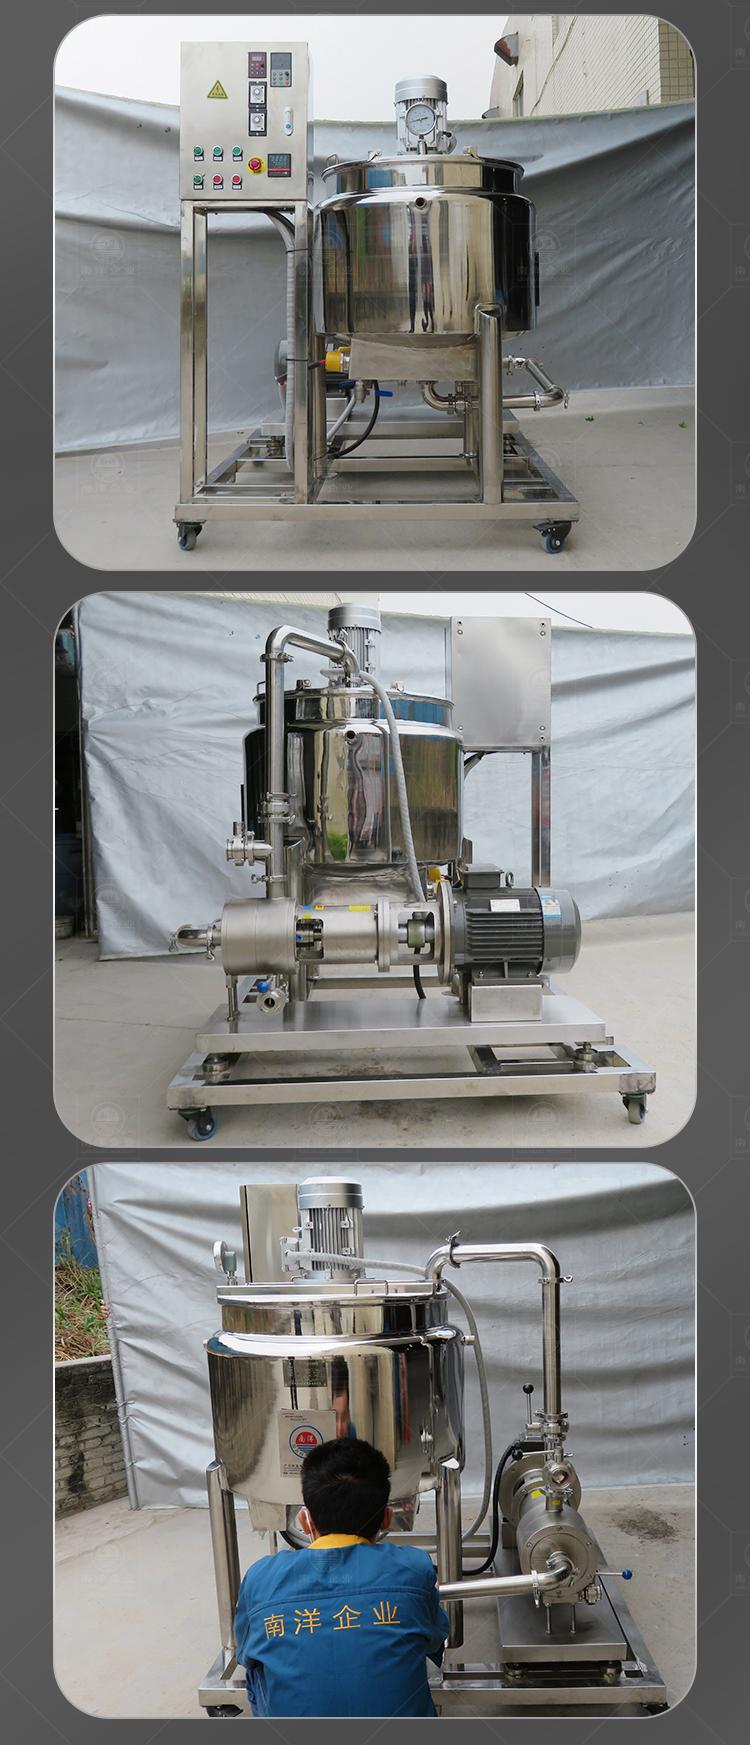 南洋搅拌桶-电加热带输送泵_13.jpg